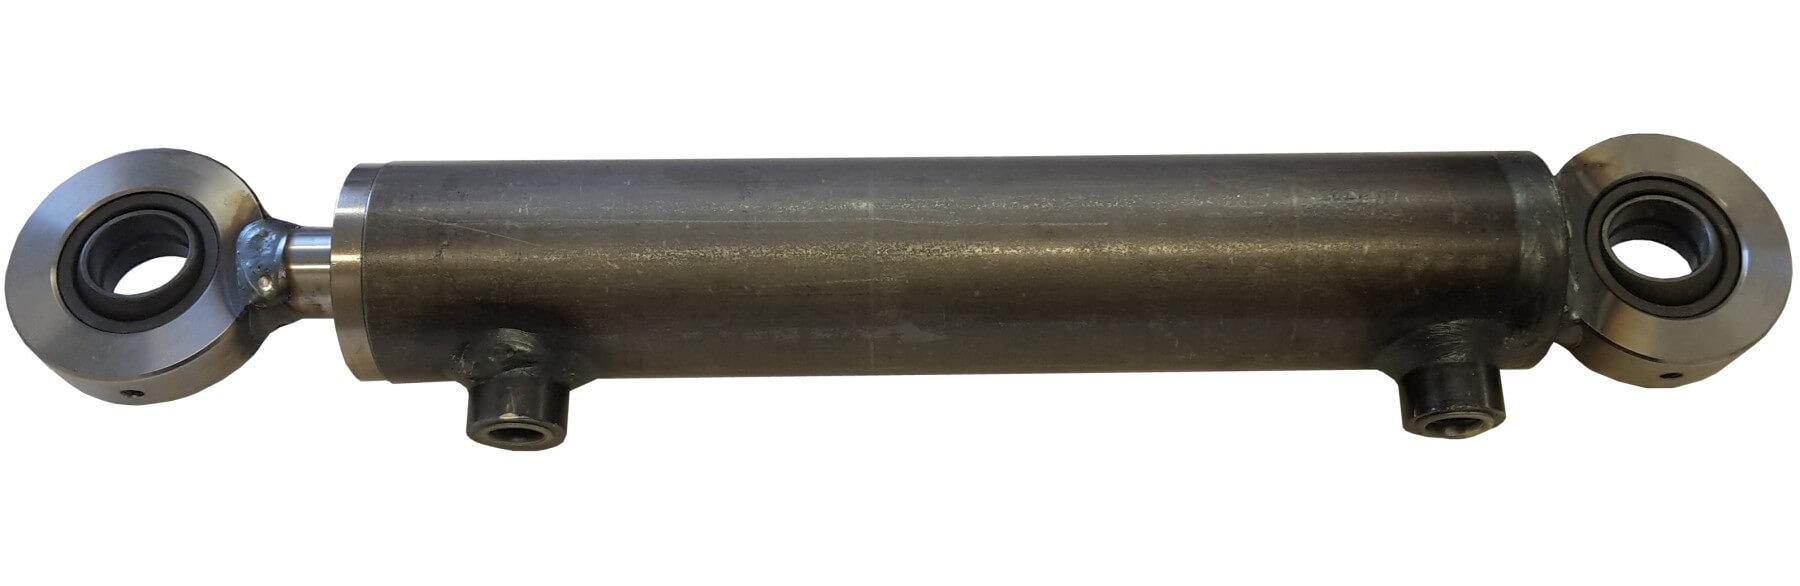 Hydraulisylinteri CL 32. 20. 50 GE - Kailatec Oy Verkkokauppa